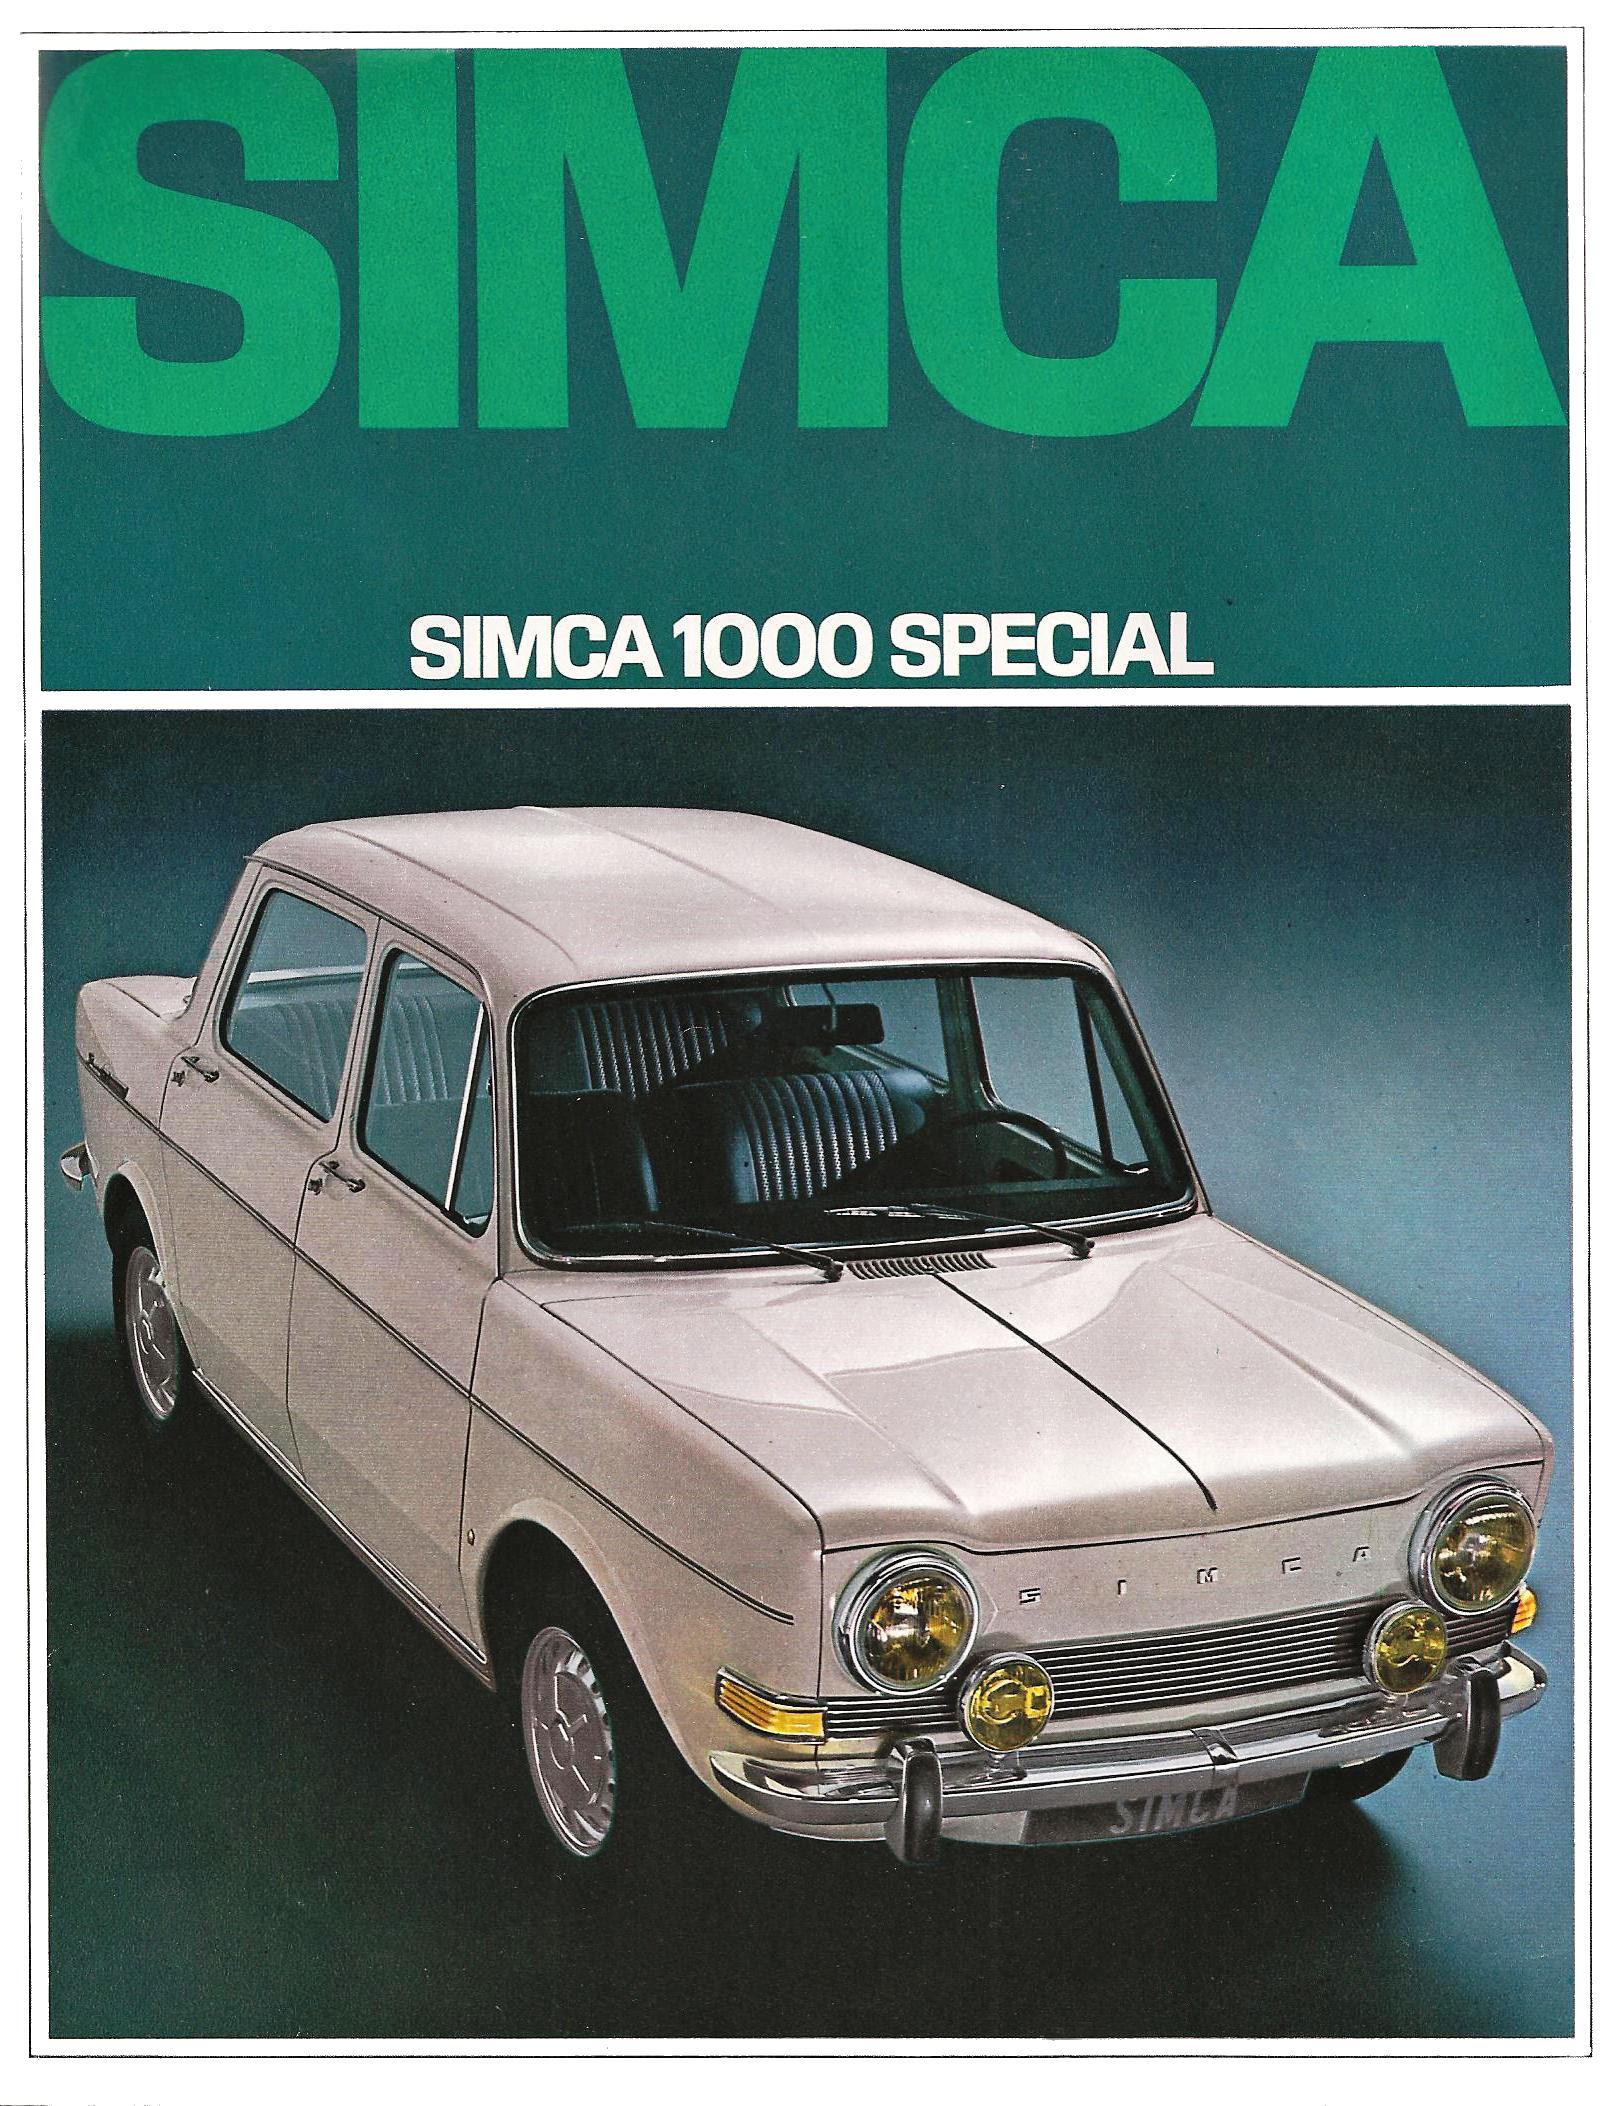 Simca 1000 Special 1 1968 catalogo